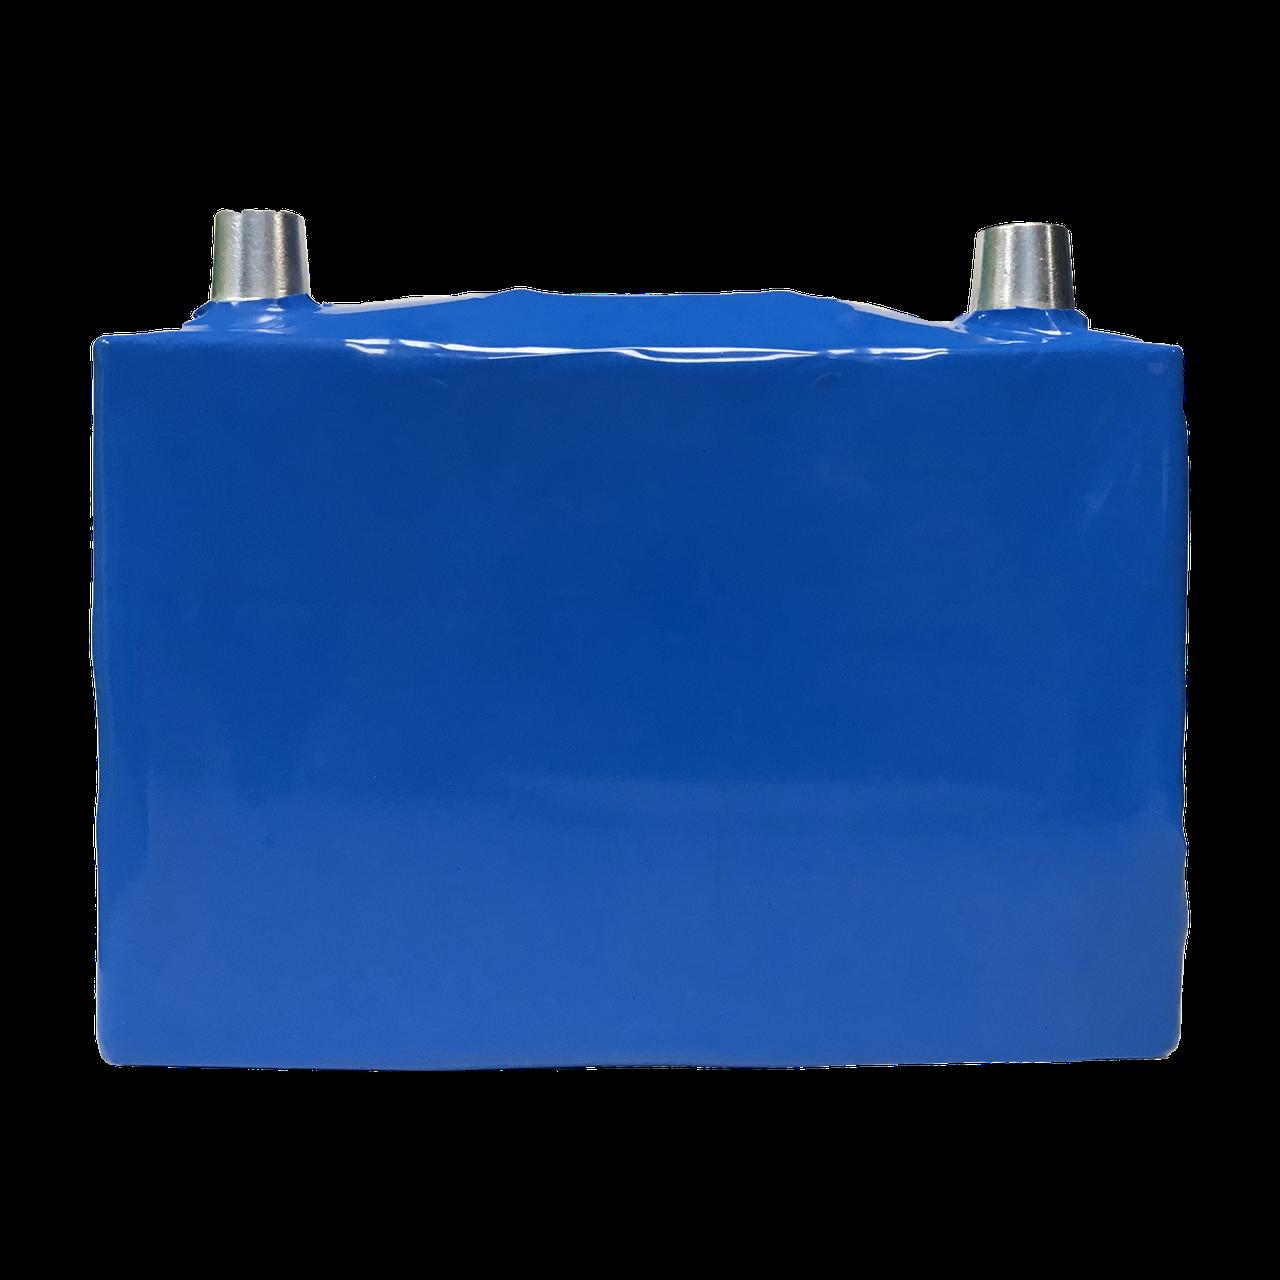 Аккумулятор LP LiFePo-4 12V - 30 Ah Универсальный